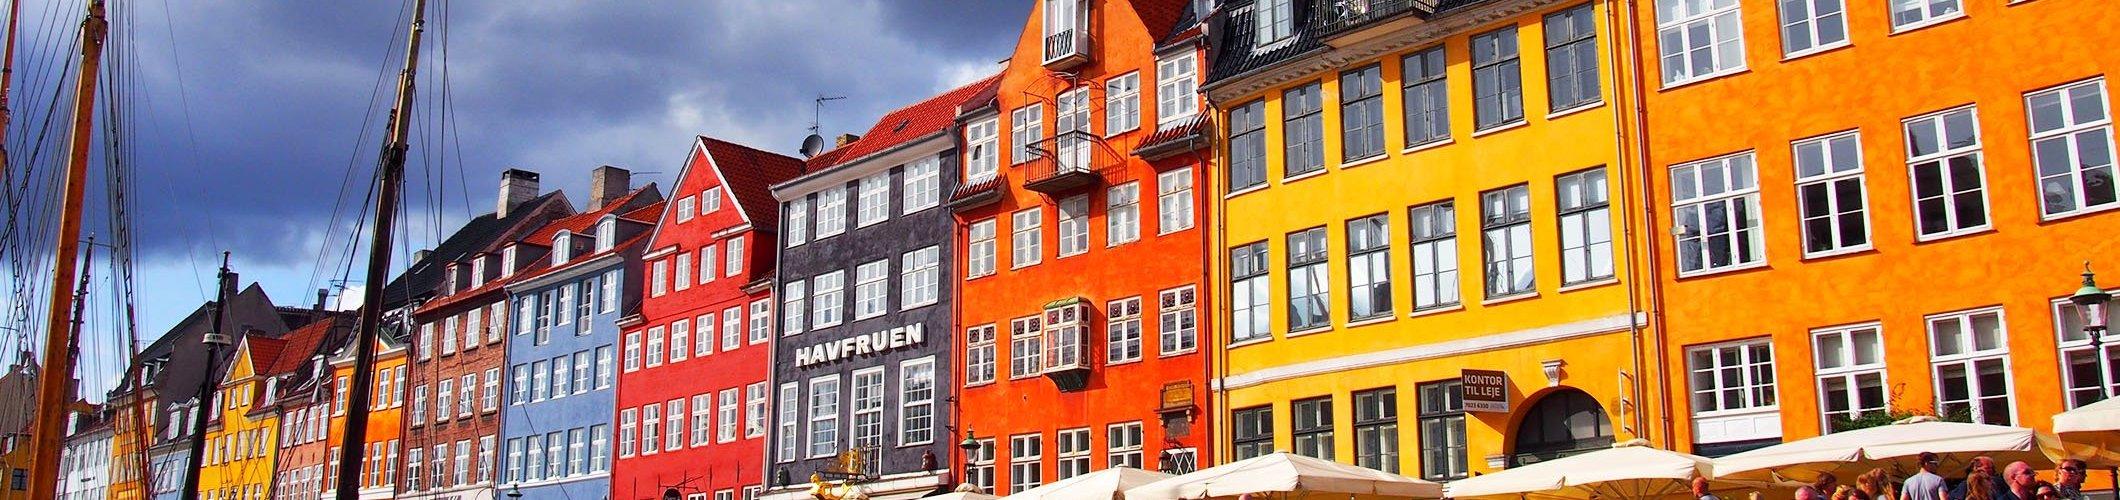 افضل فنادق كوبنهاجن